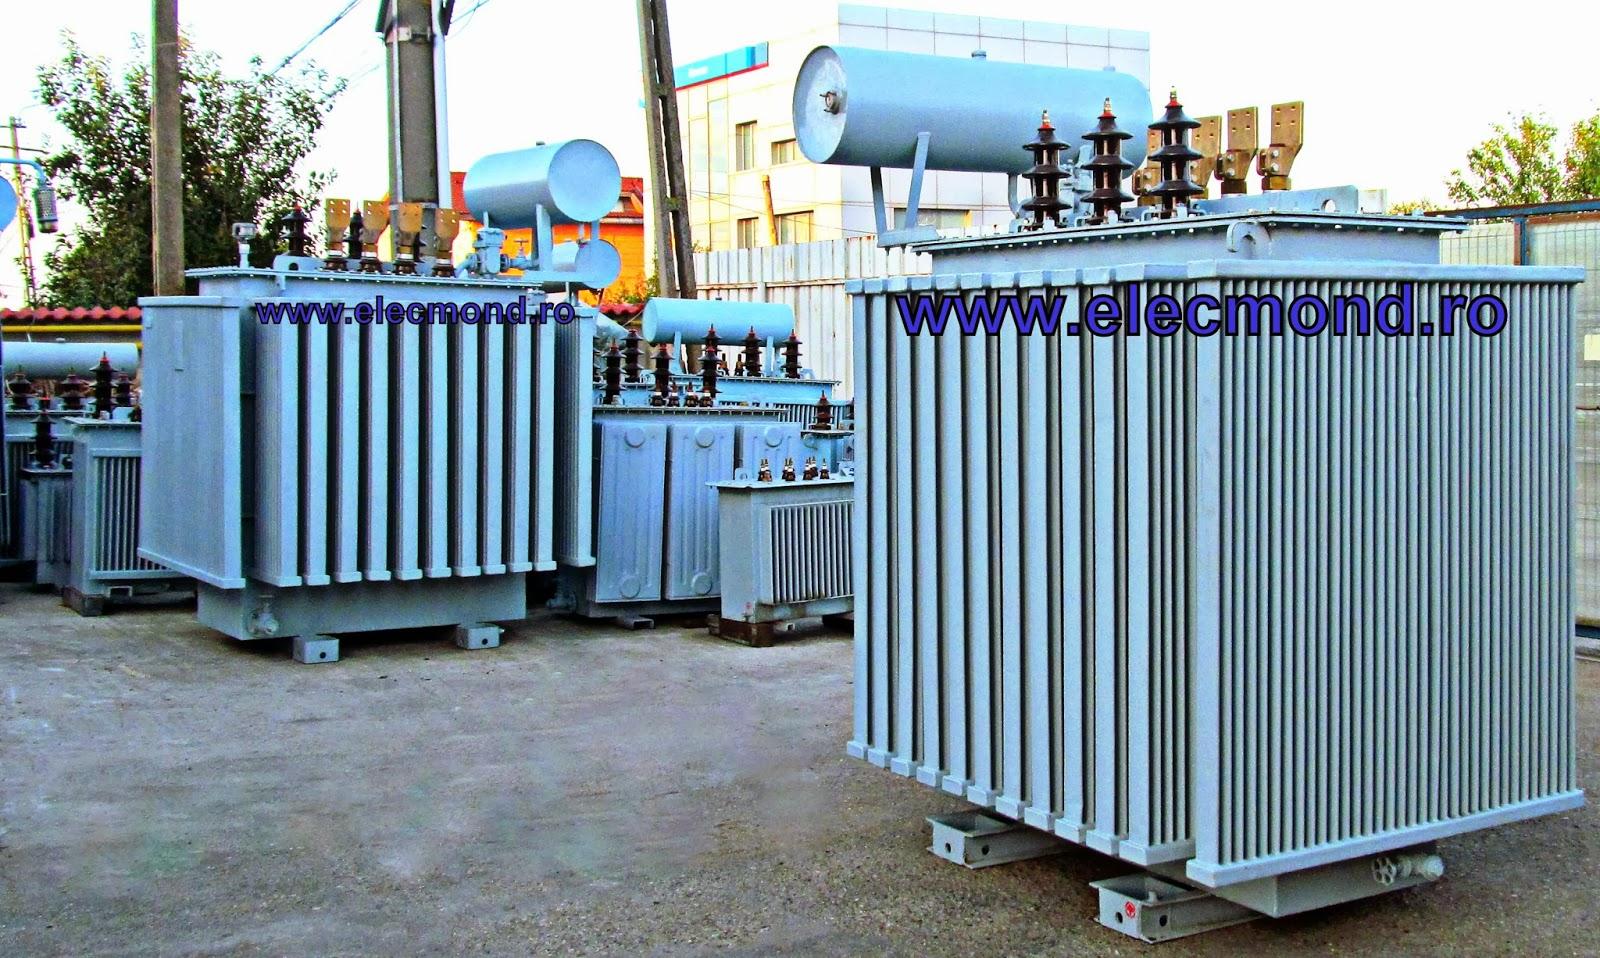 transformator 2000 kVA,Oferta transformatoare , transformatoare electrice , transformator , preturi transformatoare , transformator de putere , 1000kVA, 1600kVA, 400kVA , 2000kVA, 630kVA